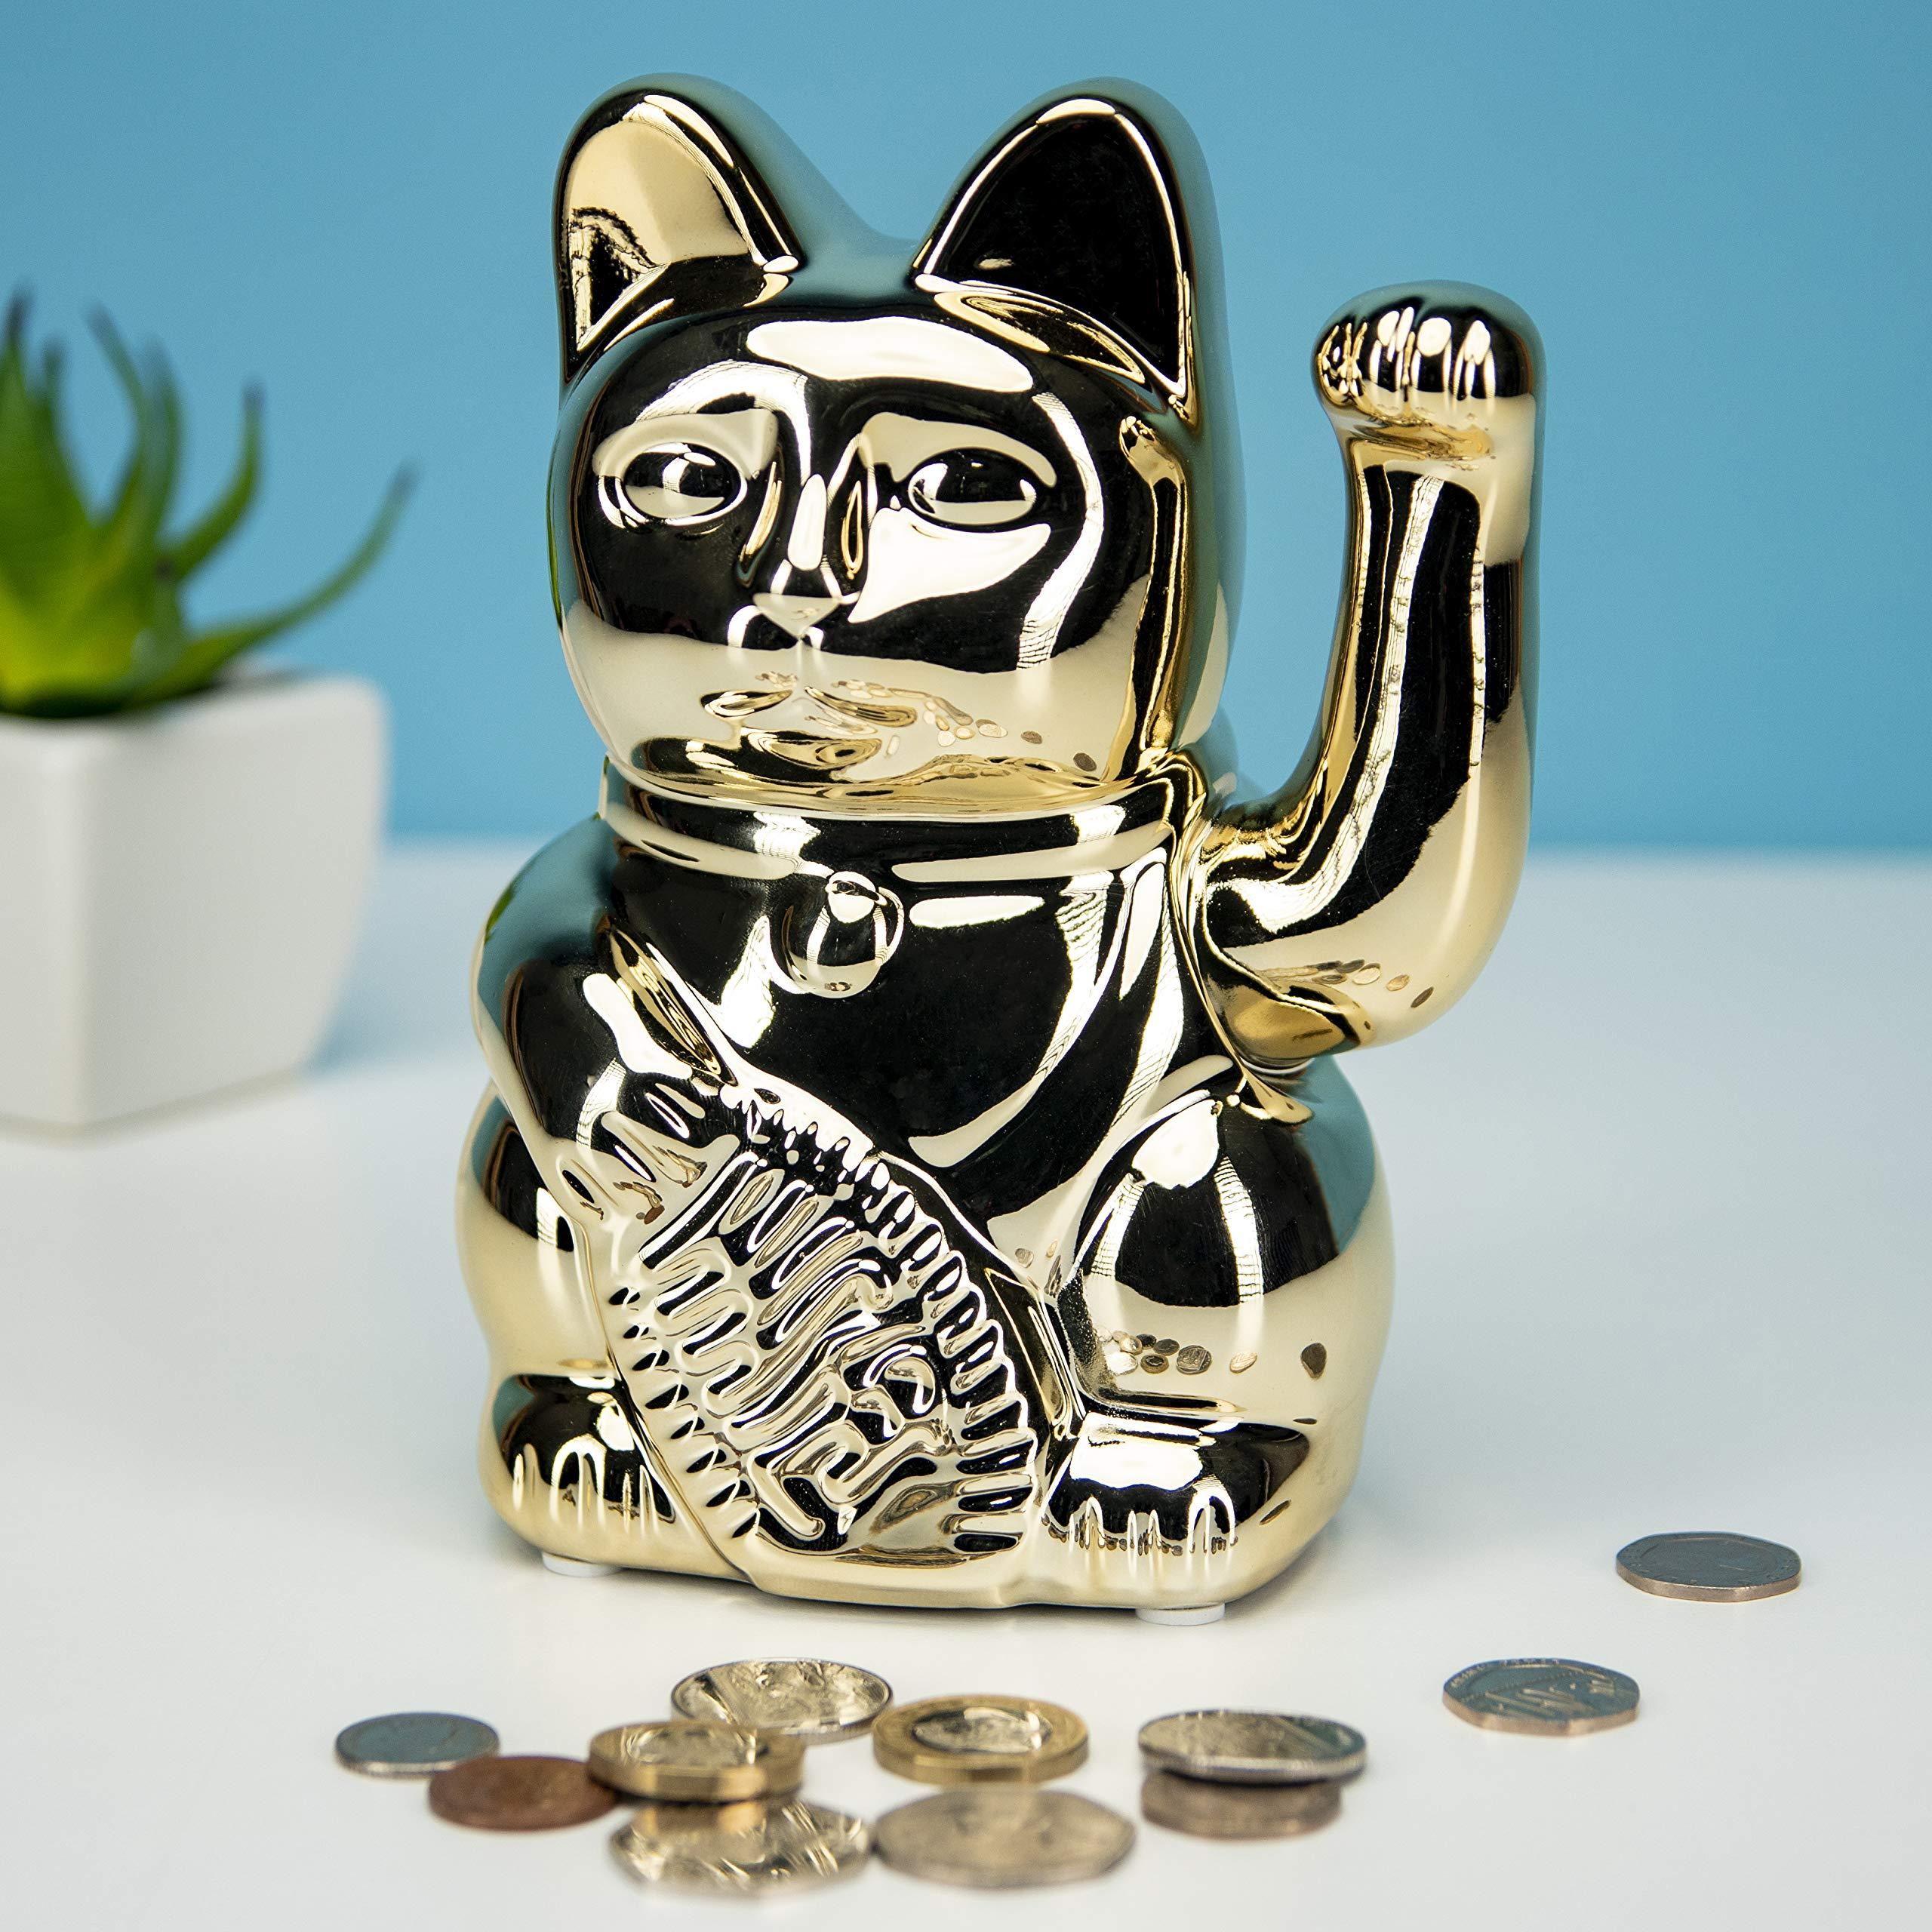 Caja de Dinero de Gato de la Suerte, Banco de Monedas de cerámica de la Buena Fortuna y agitando Maneki Neko Feng Shui: Amazon.es: Hogar